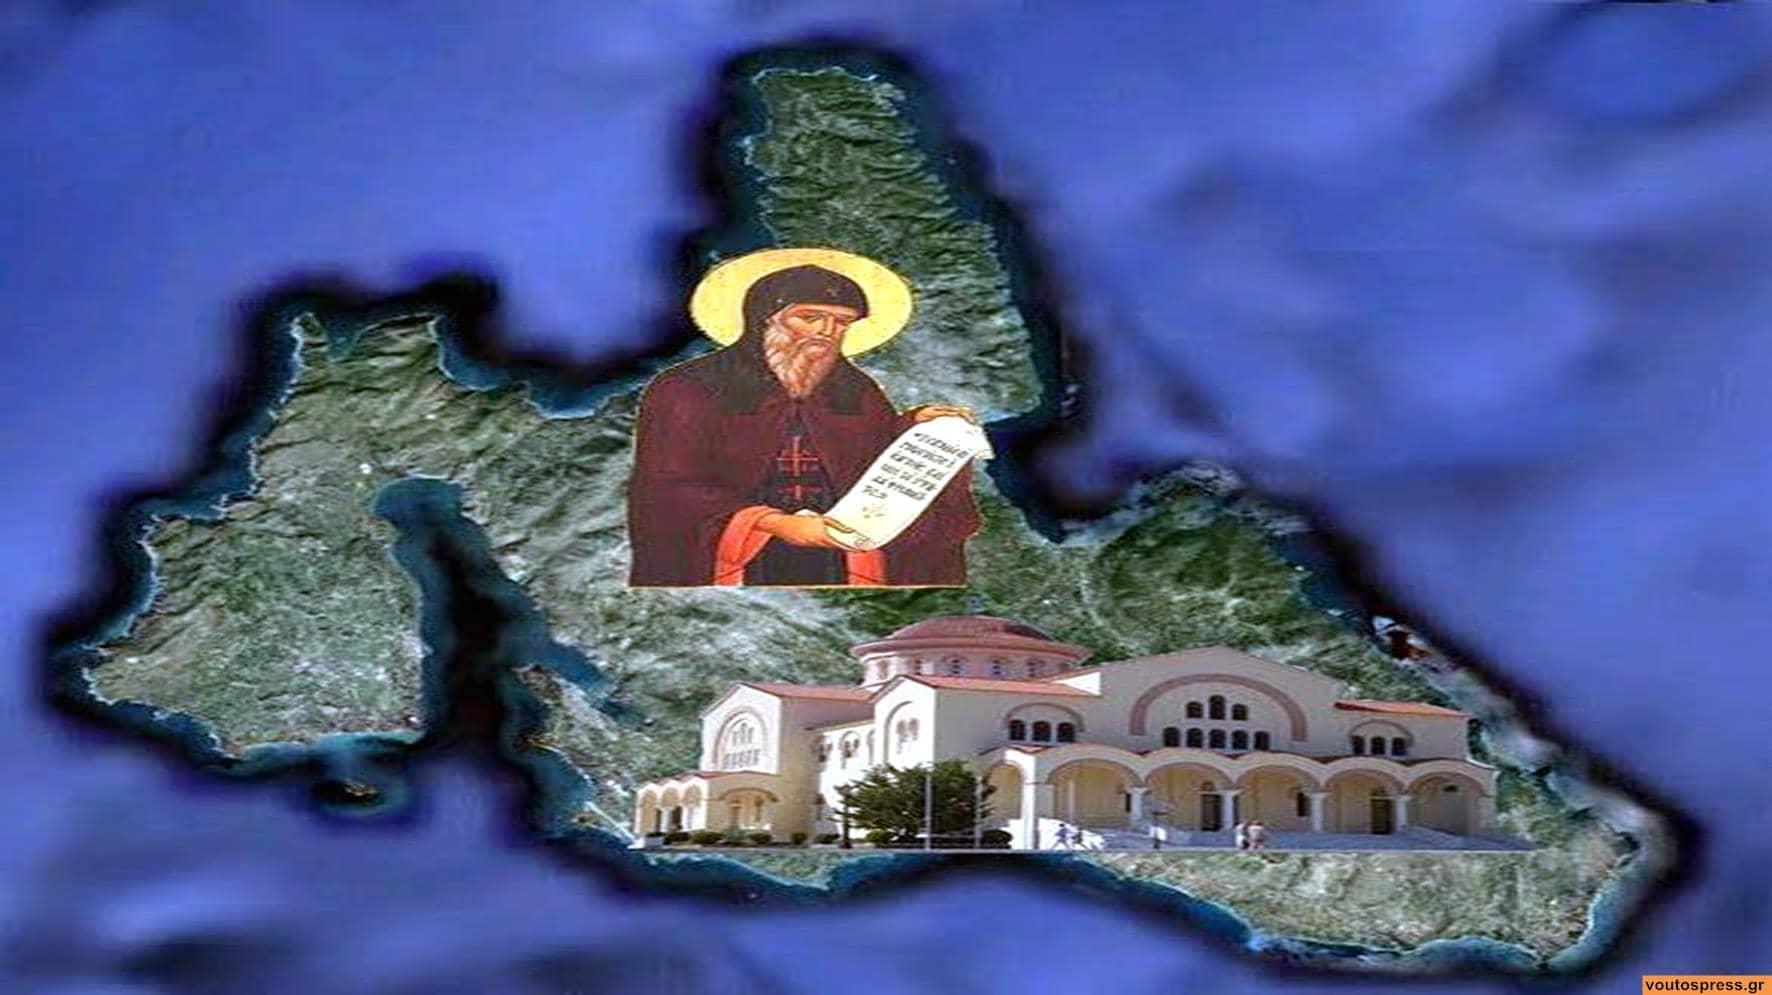 Άγιος Γεράσιμος Κεφαλονιά Γιορτή 20 Οκτωβρίου